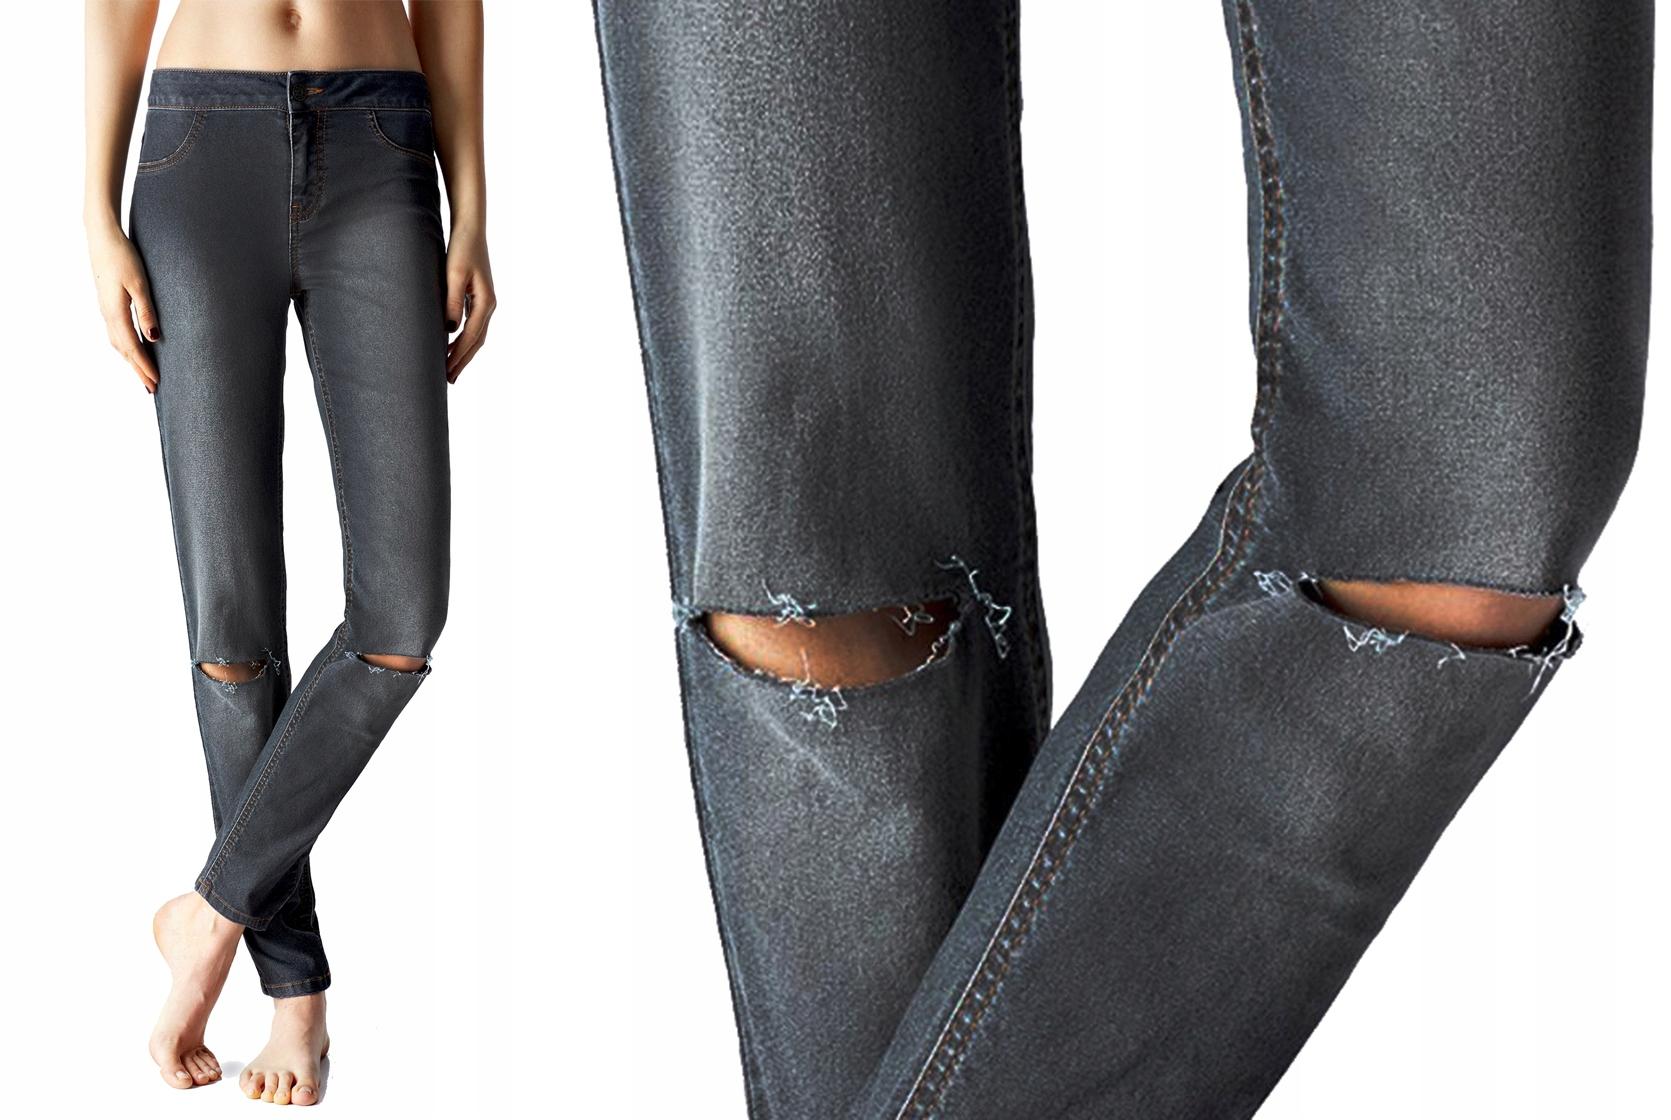 Calzedonia spodnie z dziurami jeans szare dziury L